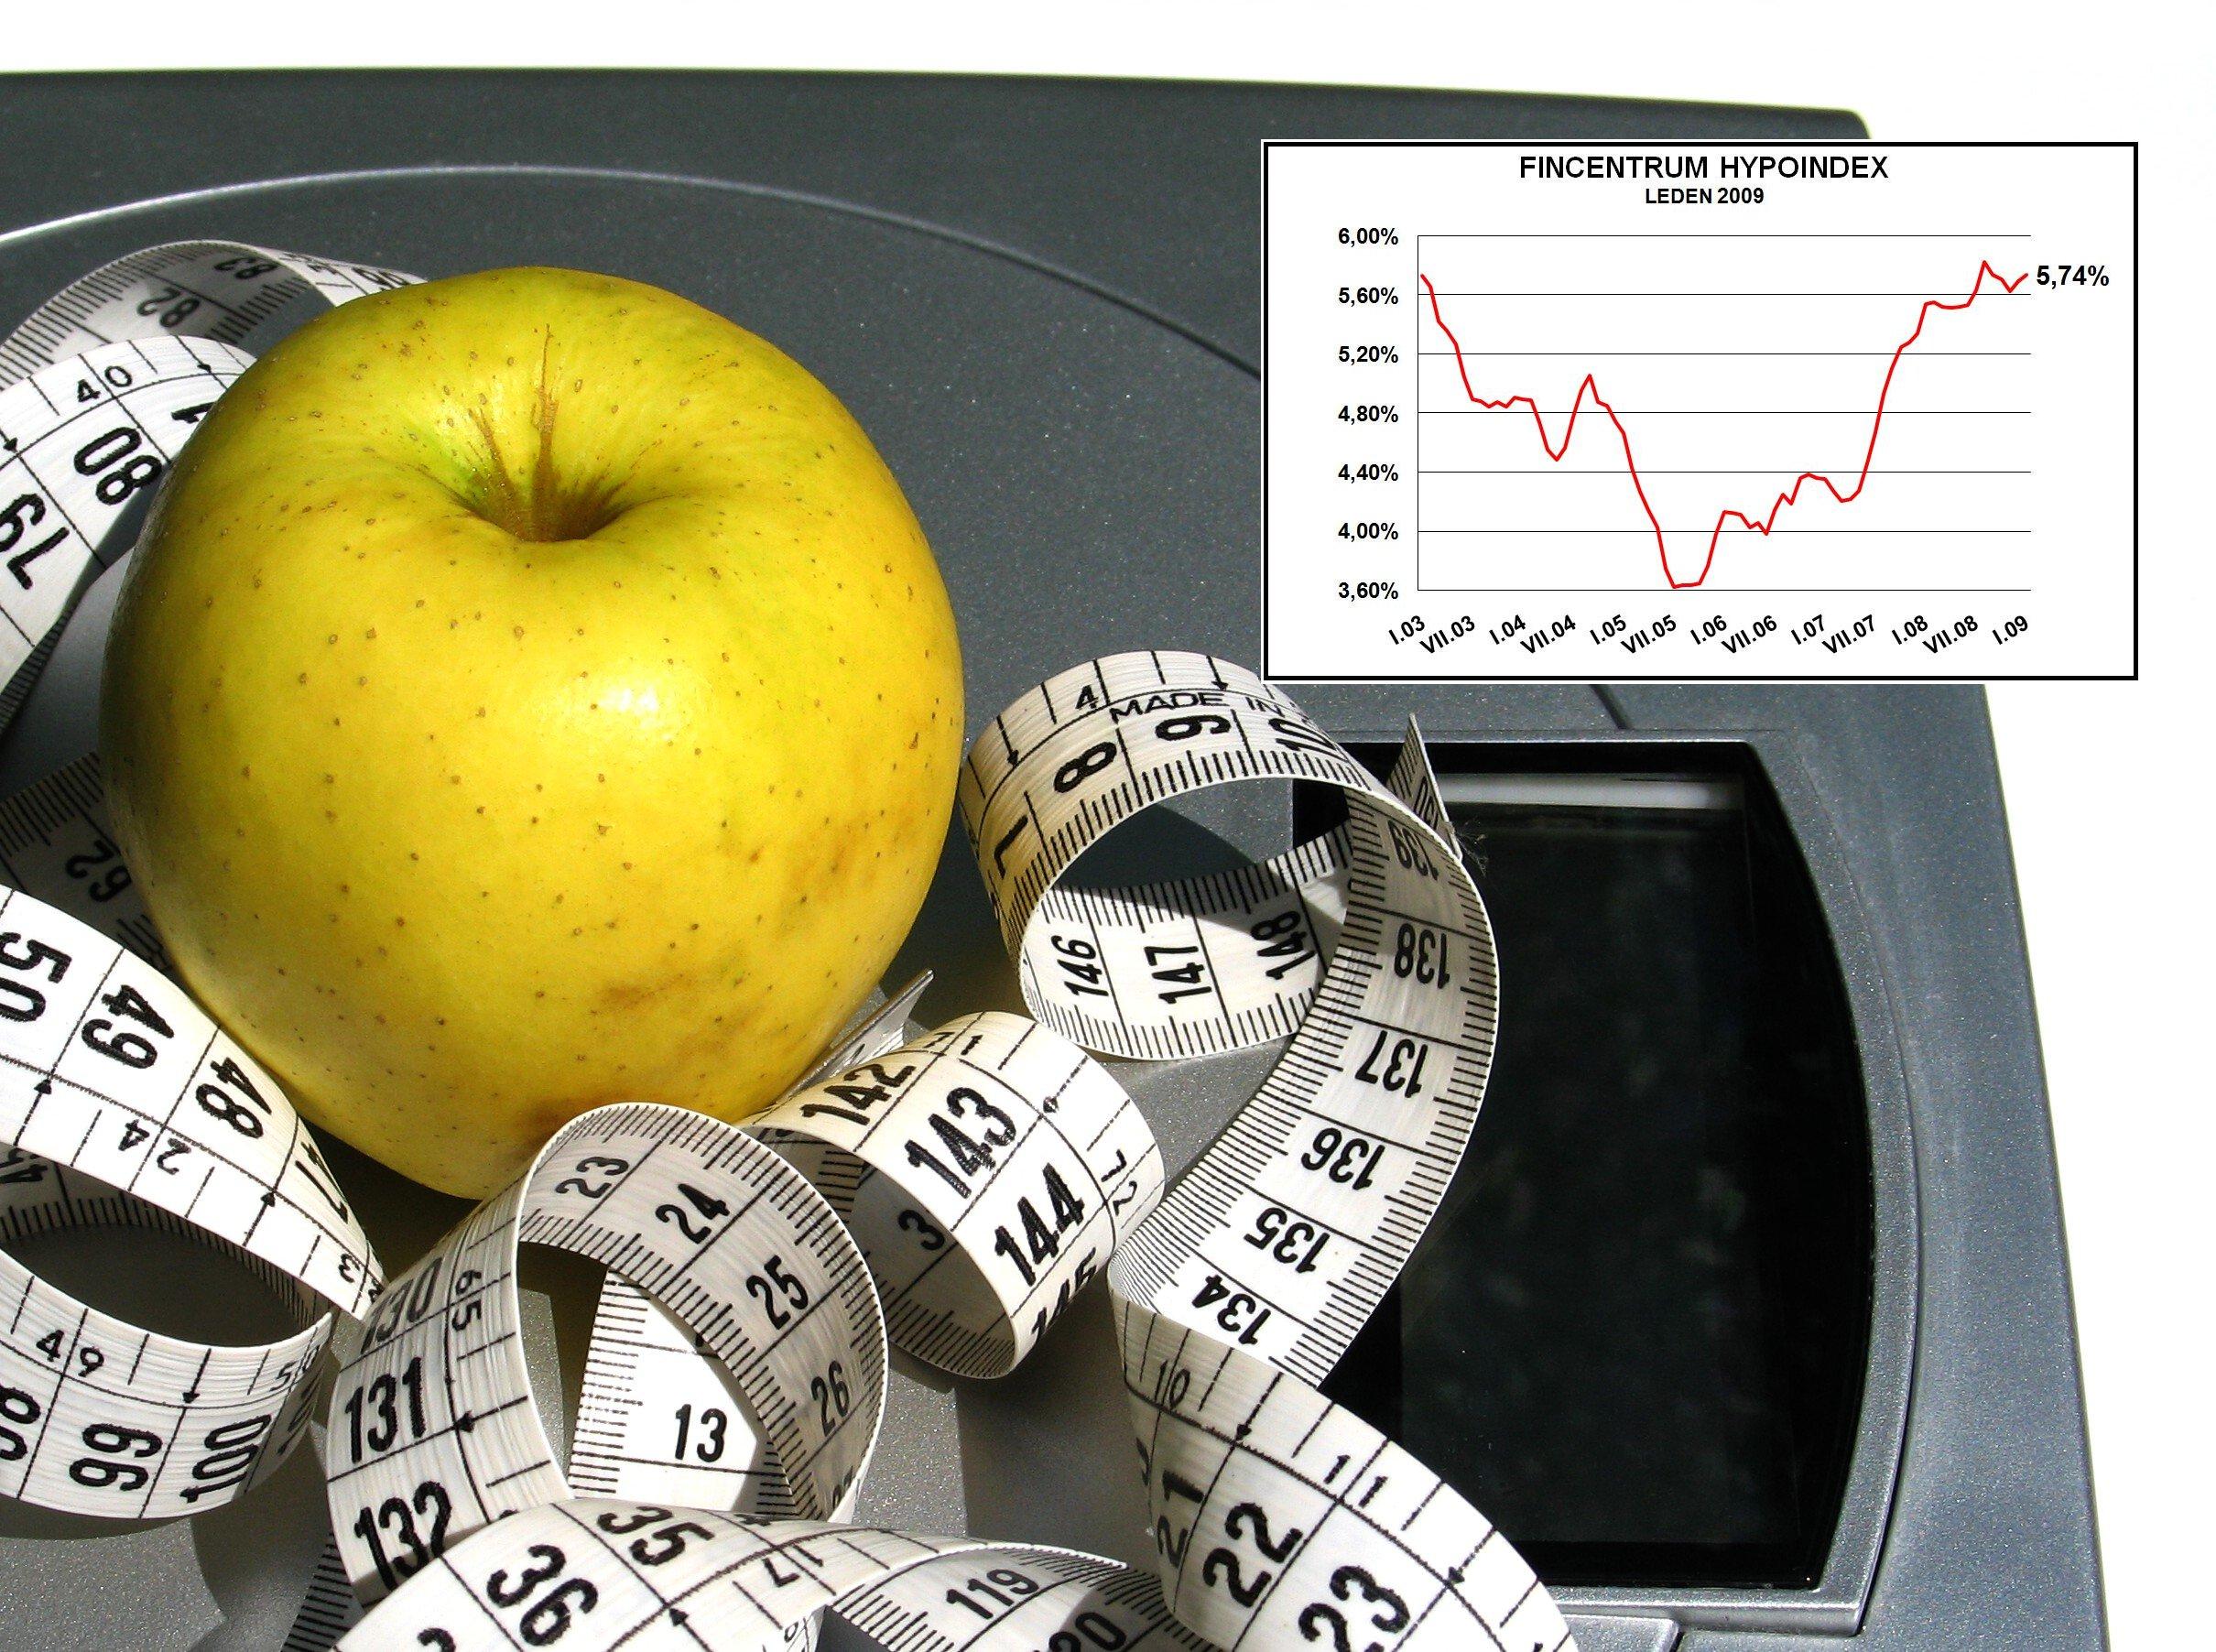 """Hypoindex leden 2009: Hypoteční banky zažily velmi """"dietní"""" měsíc"""